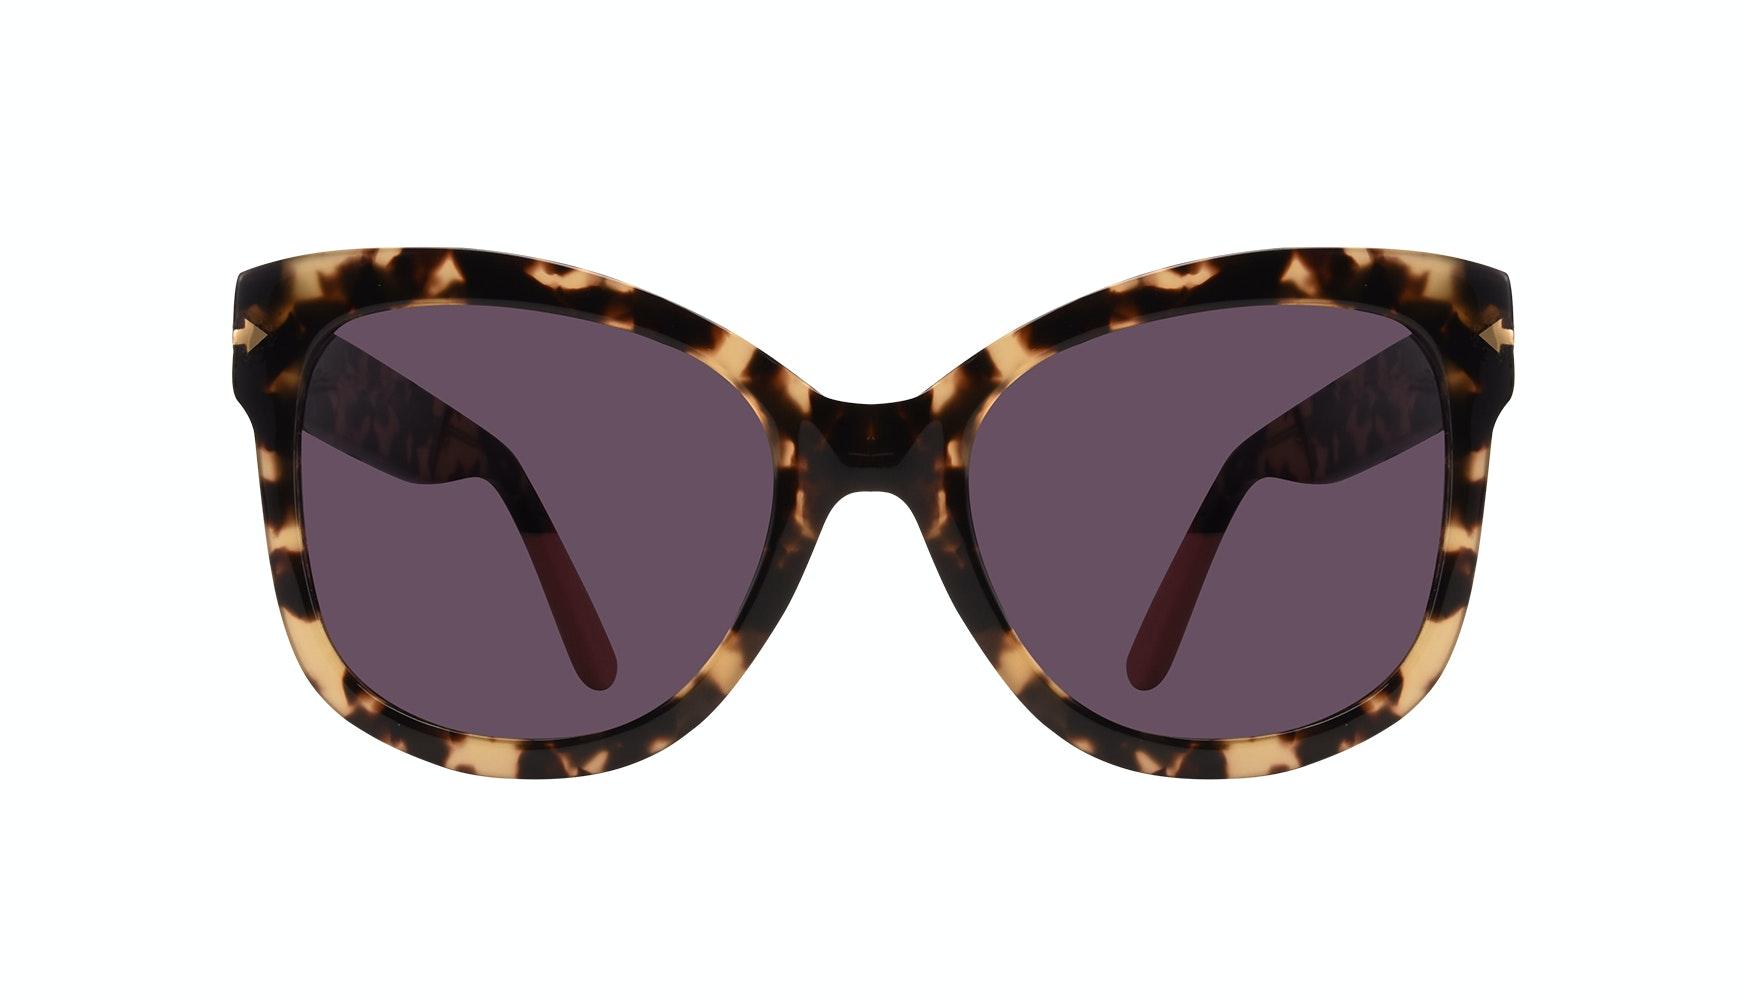 Lunettes tendance Oeil de chat Carrée Lunettes solaires Femmes Marlo Espresso Face